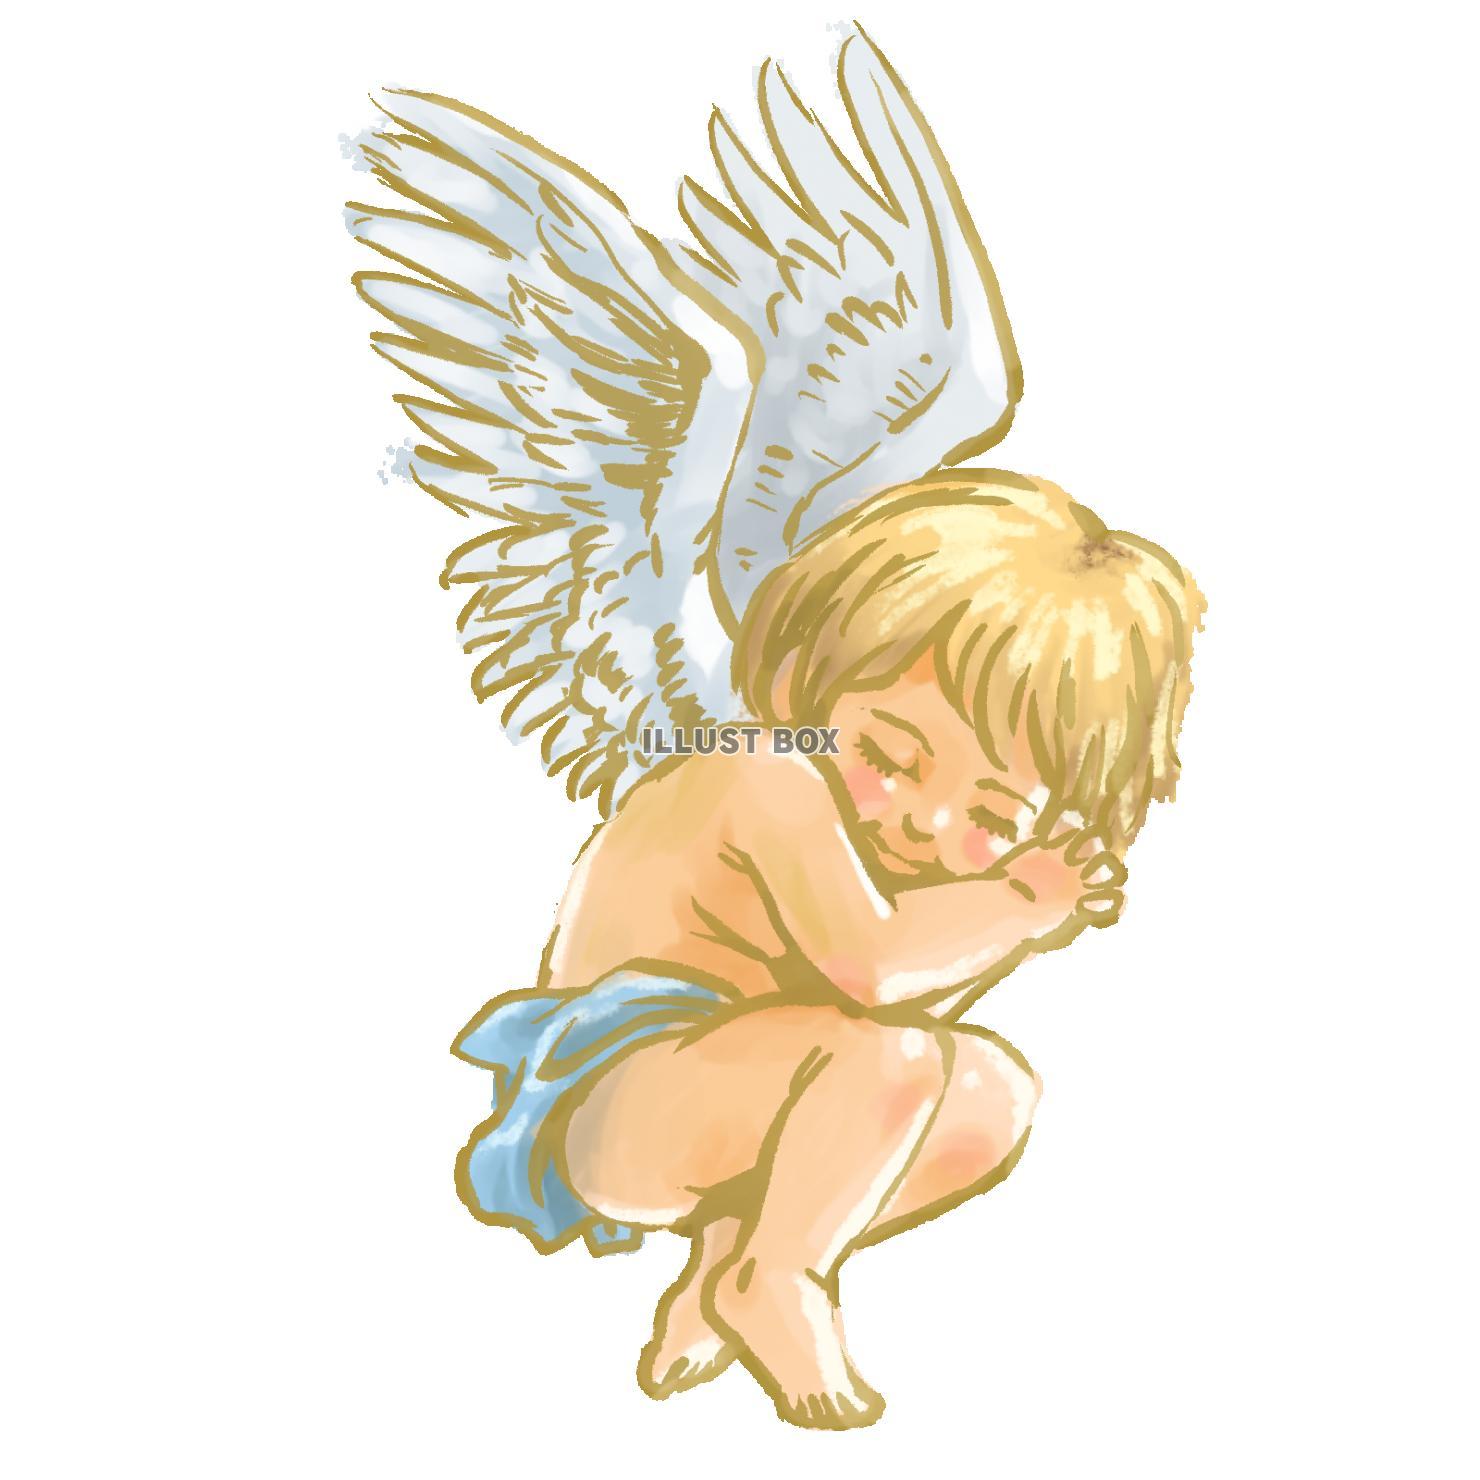 無料イラスト 天使2